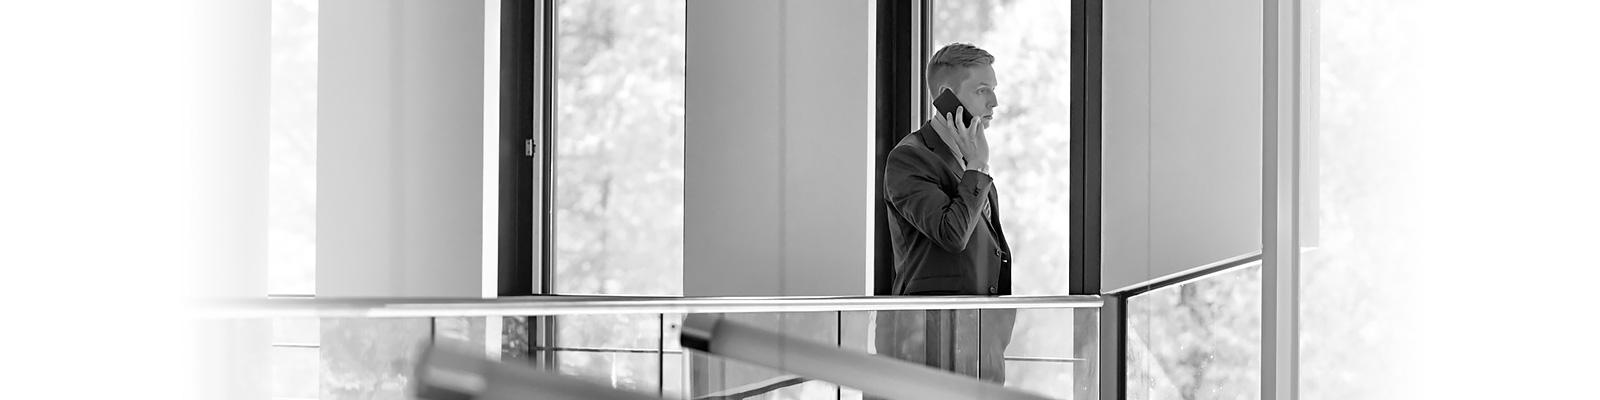 ポーランド ビジネスマン 電話 イメージ